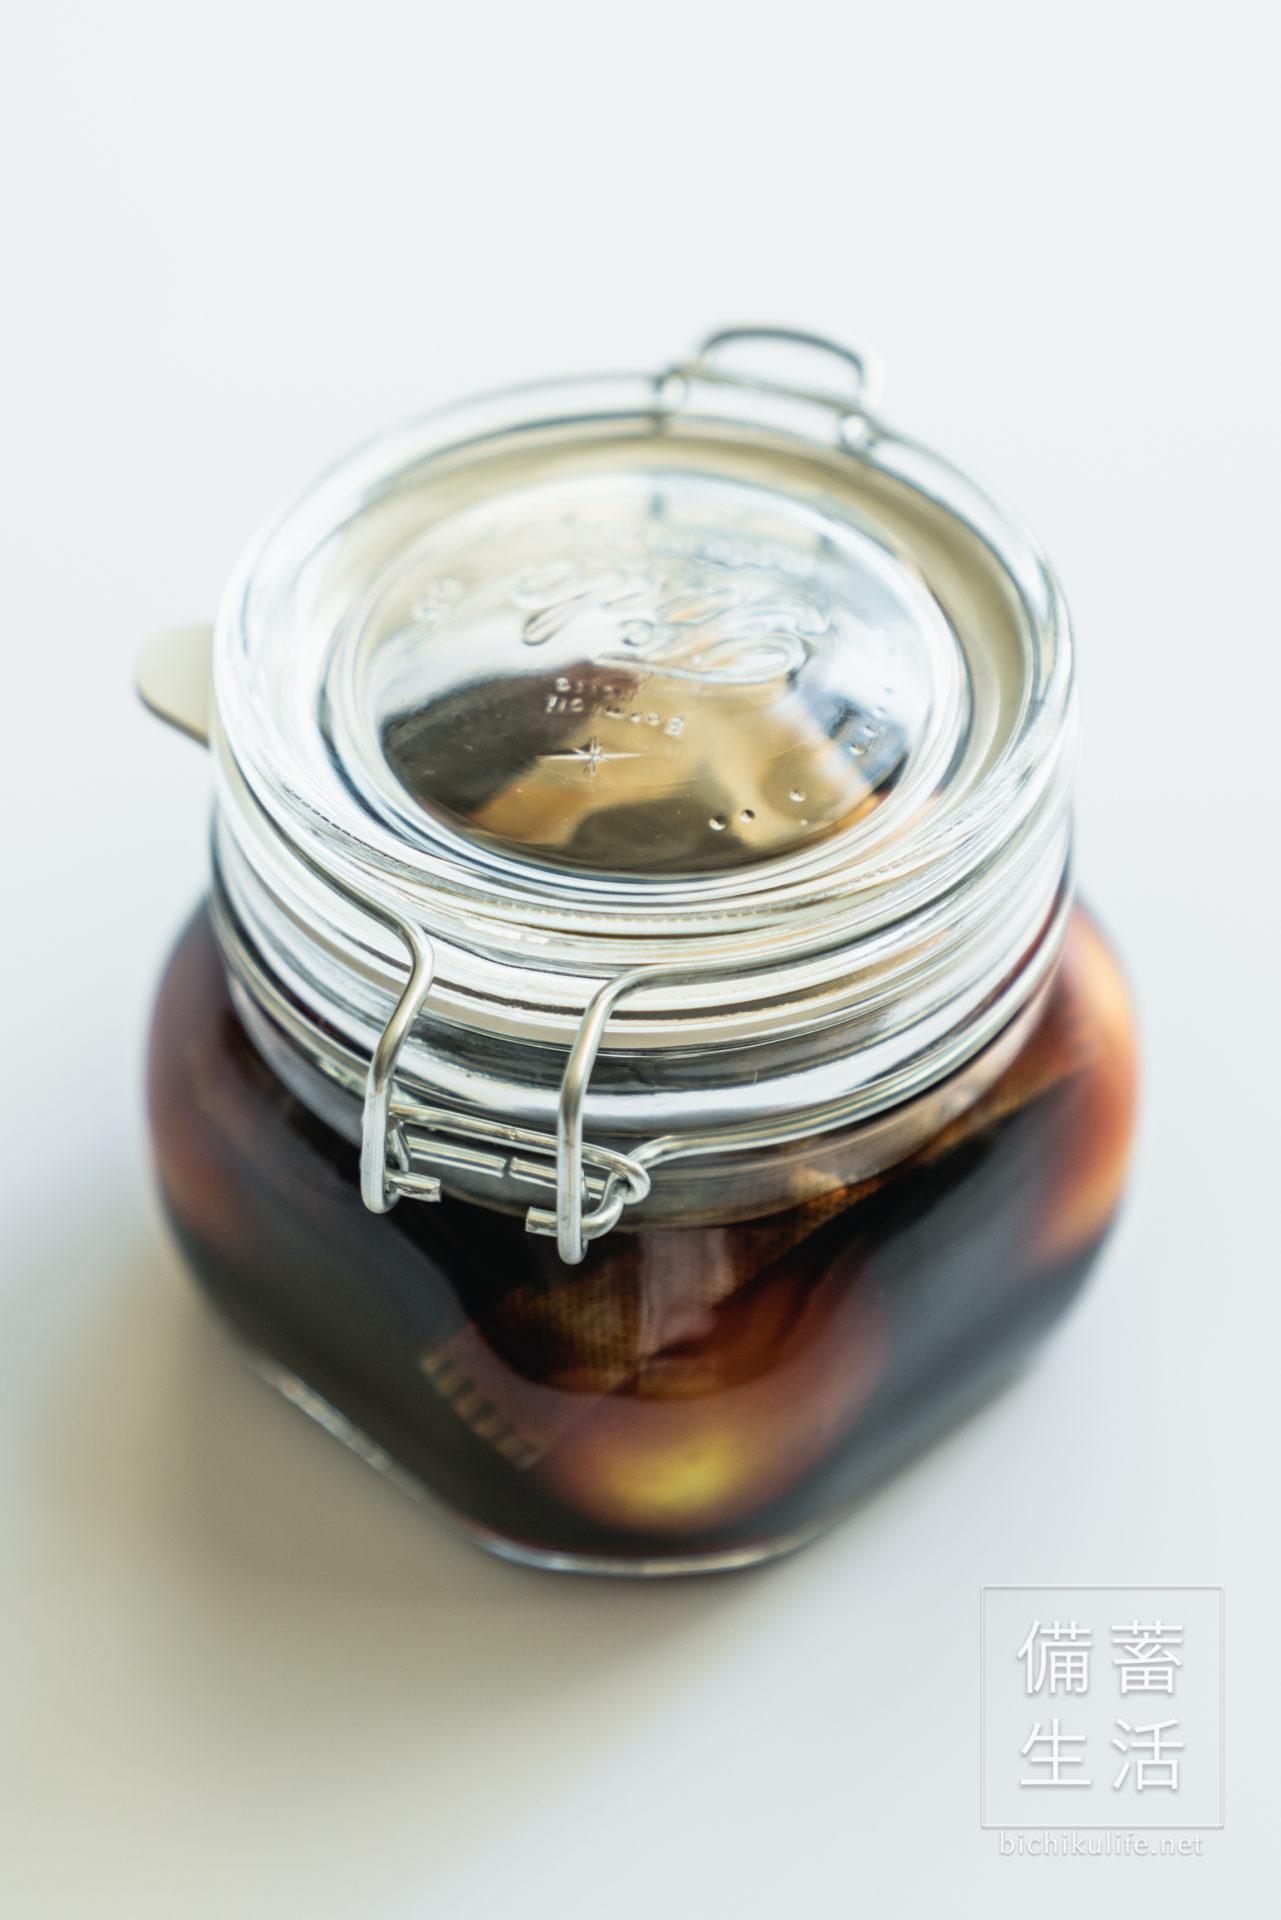 梅の醤油漬けのレシピ 保存瓶を密封する